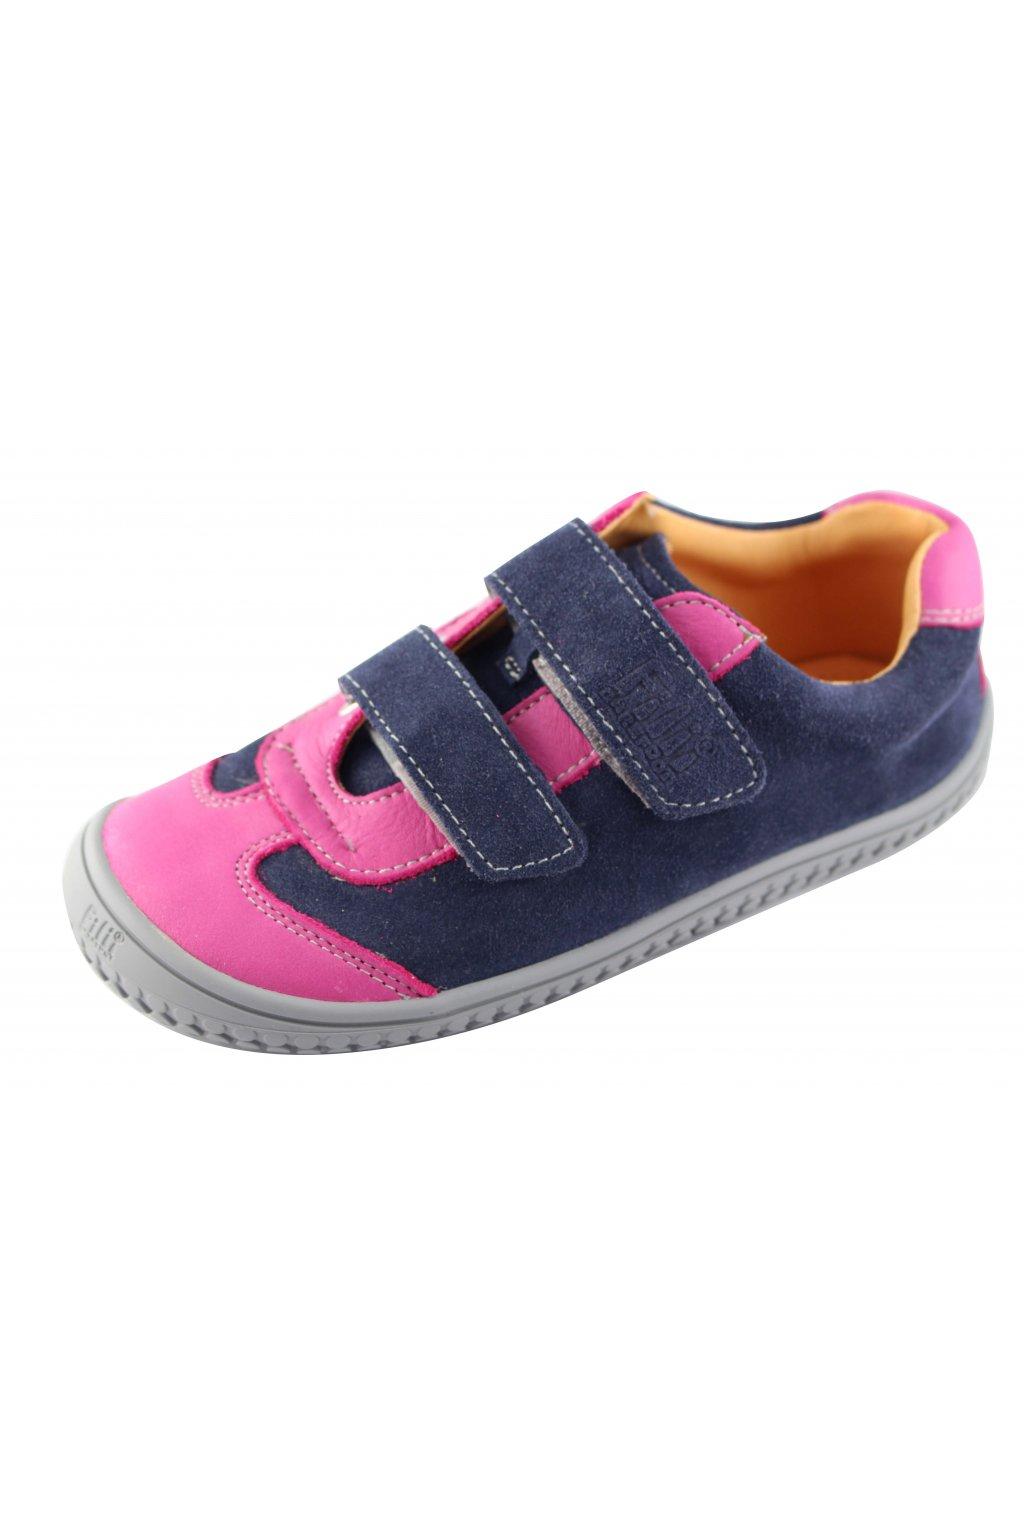 Filii Barefoot Klett Tenisky Ocean/Pink Velour - W